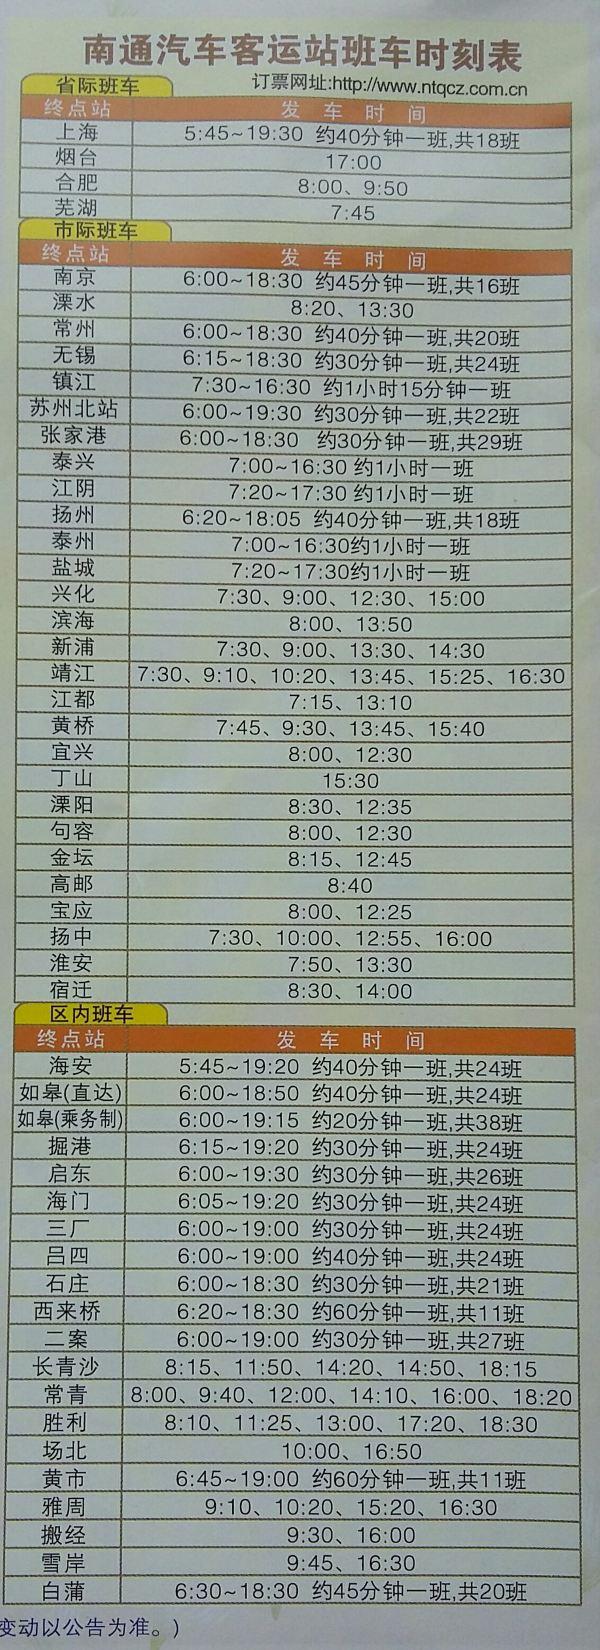 上海虹桥西站到南通班次时刻表